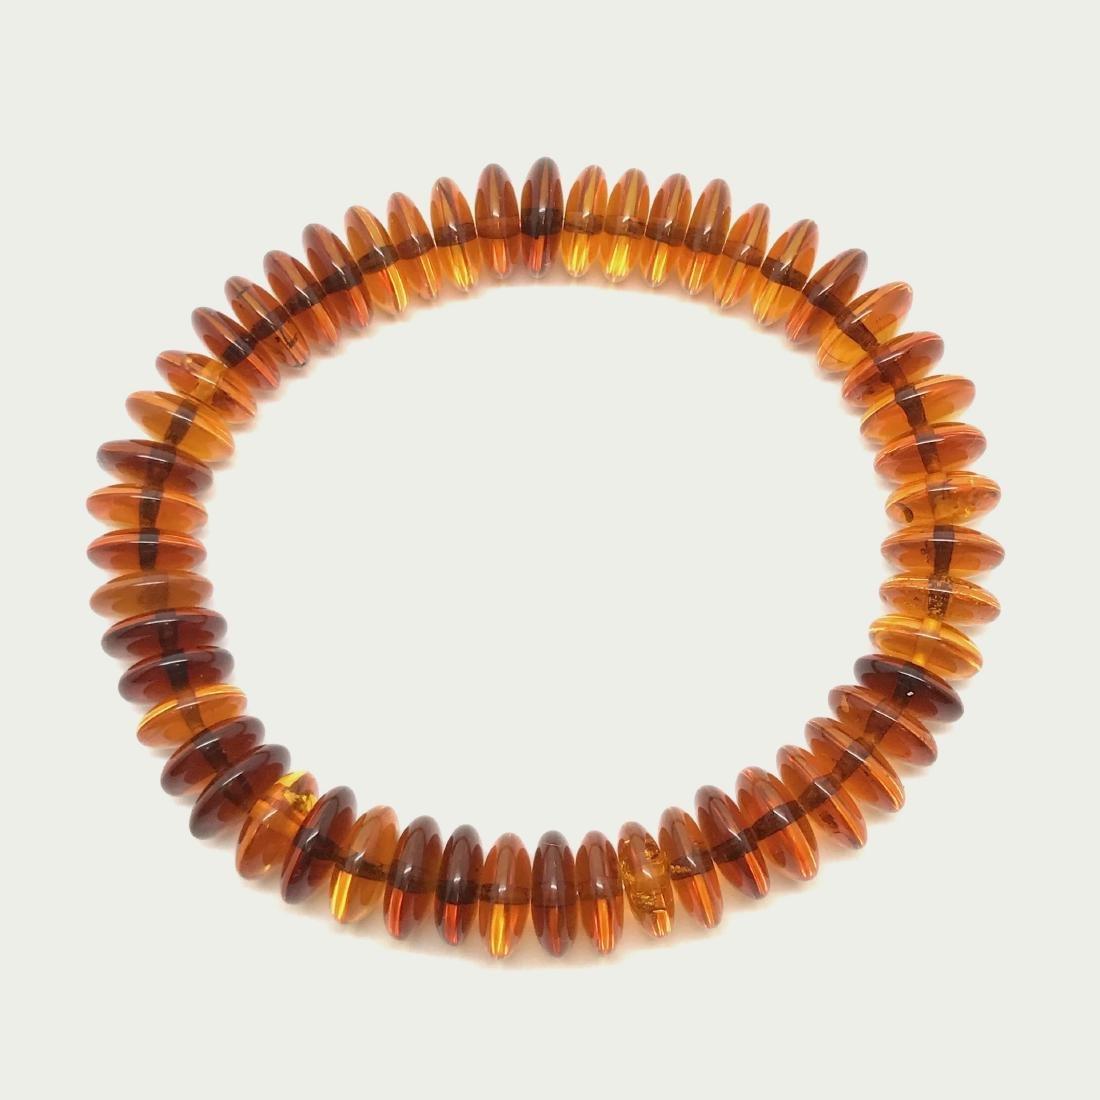 Baltic Amber Bracelet Cognac Colour Donuts - 3